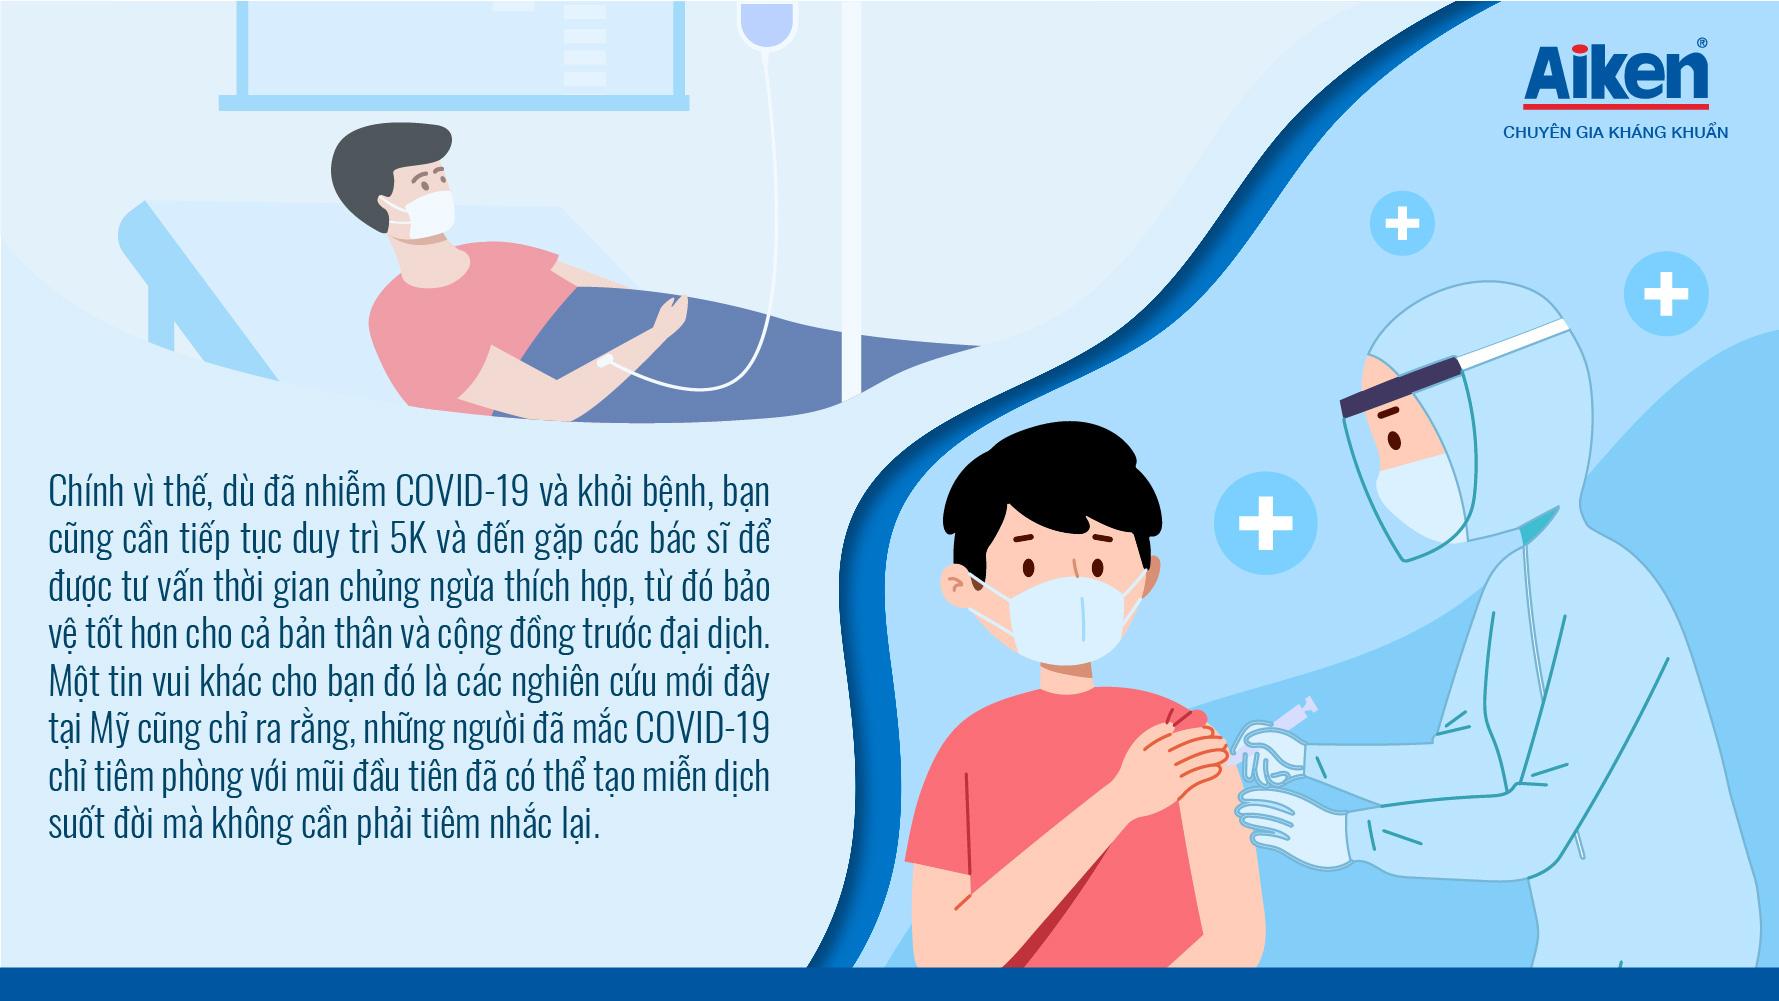 Giải đáp 1001 thắc mắc thường gặp, giúp bạn tự tin và an tâm hơn khi đi tiêm phòng COVID-19 - Ảnh 2.